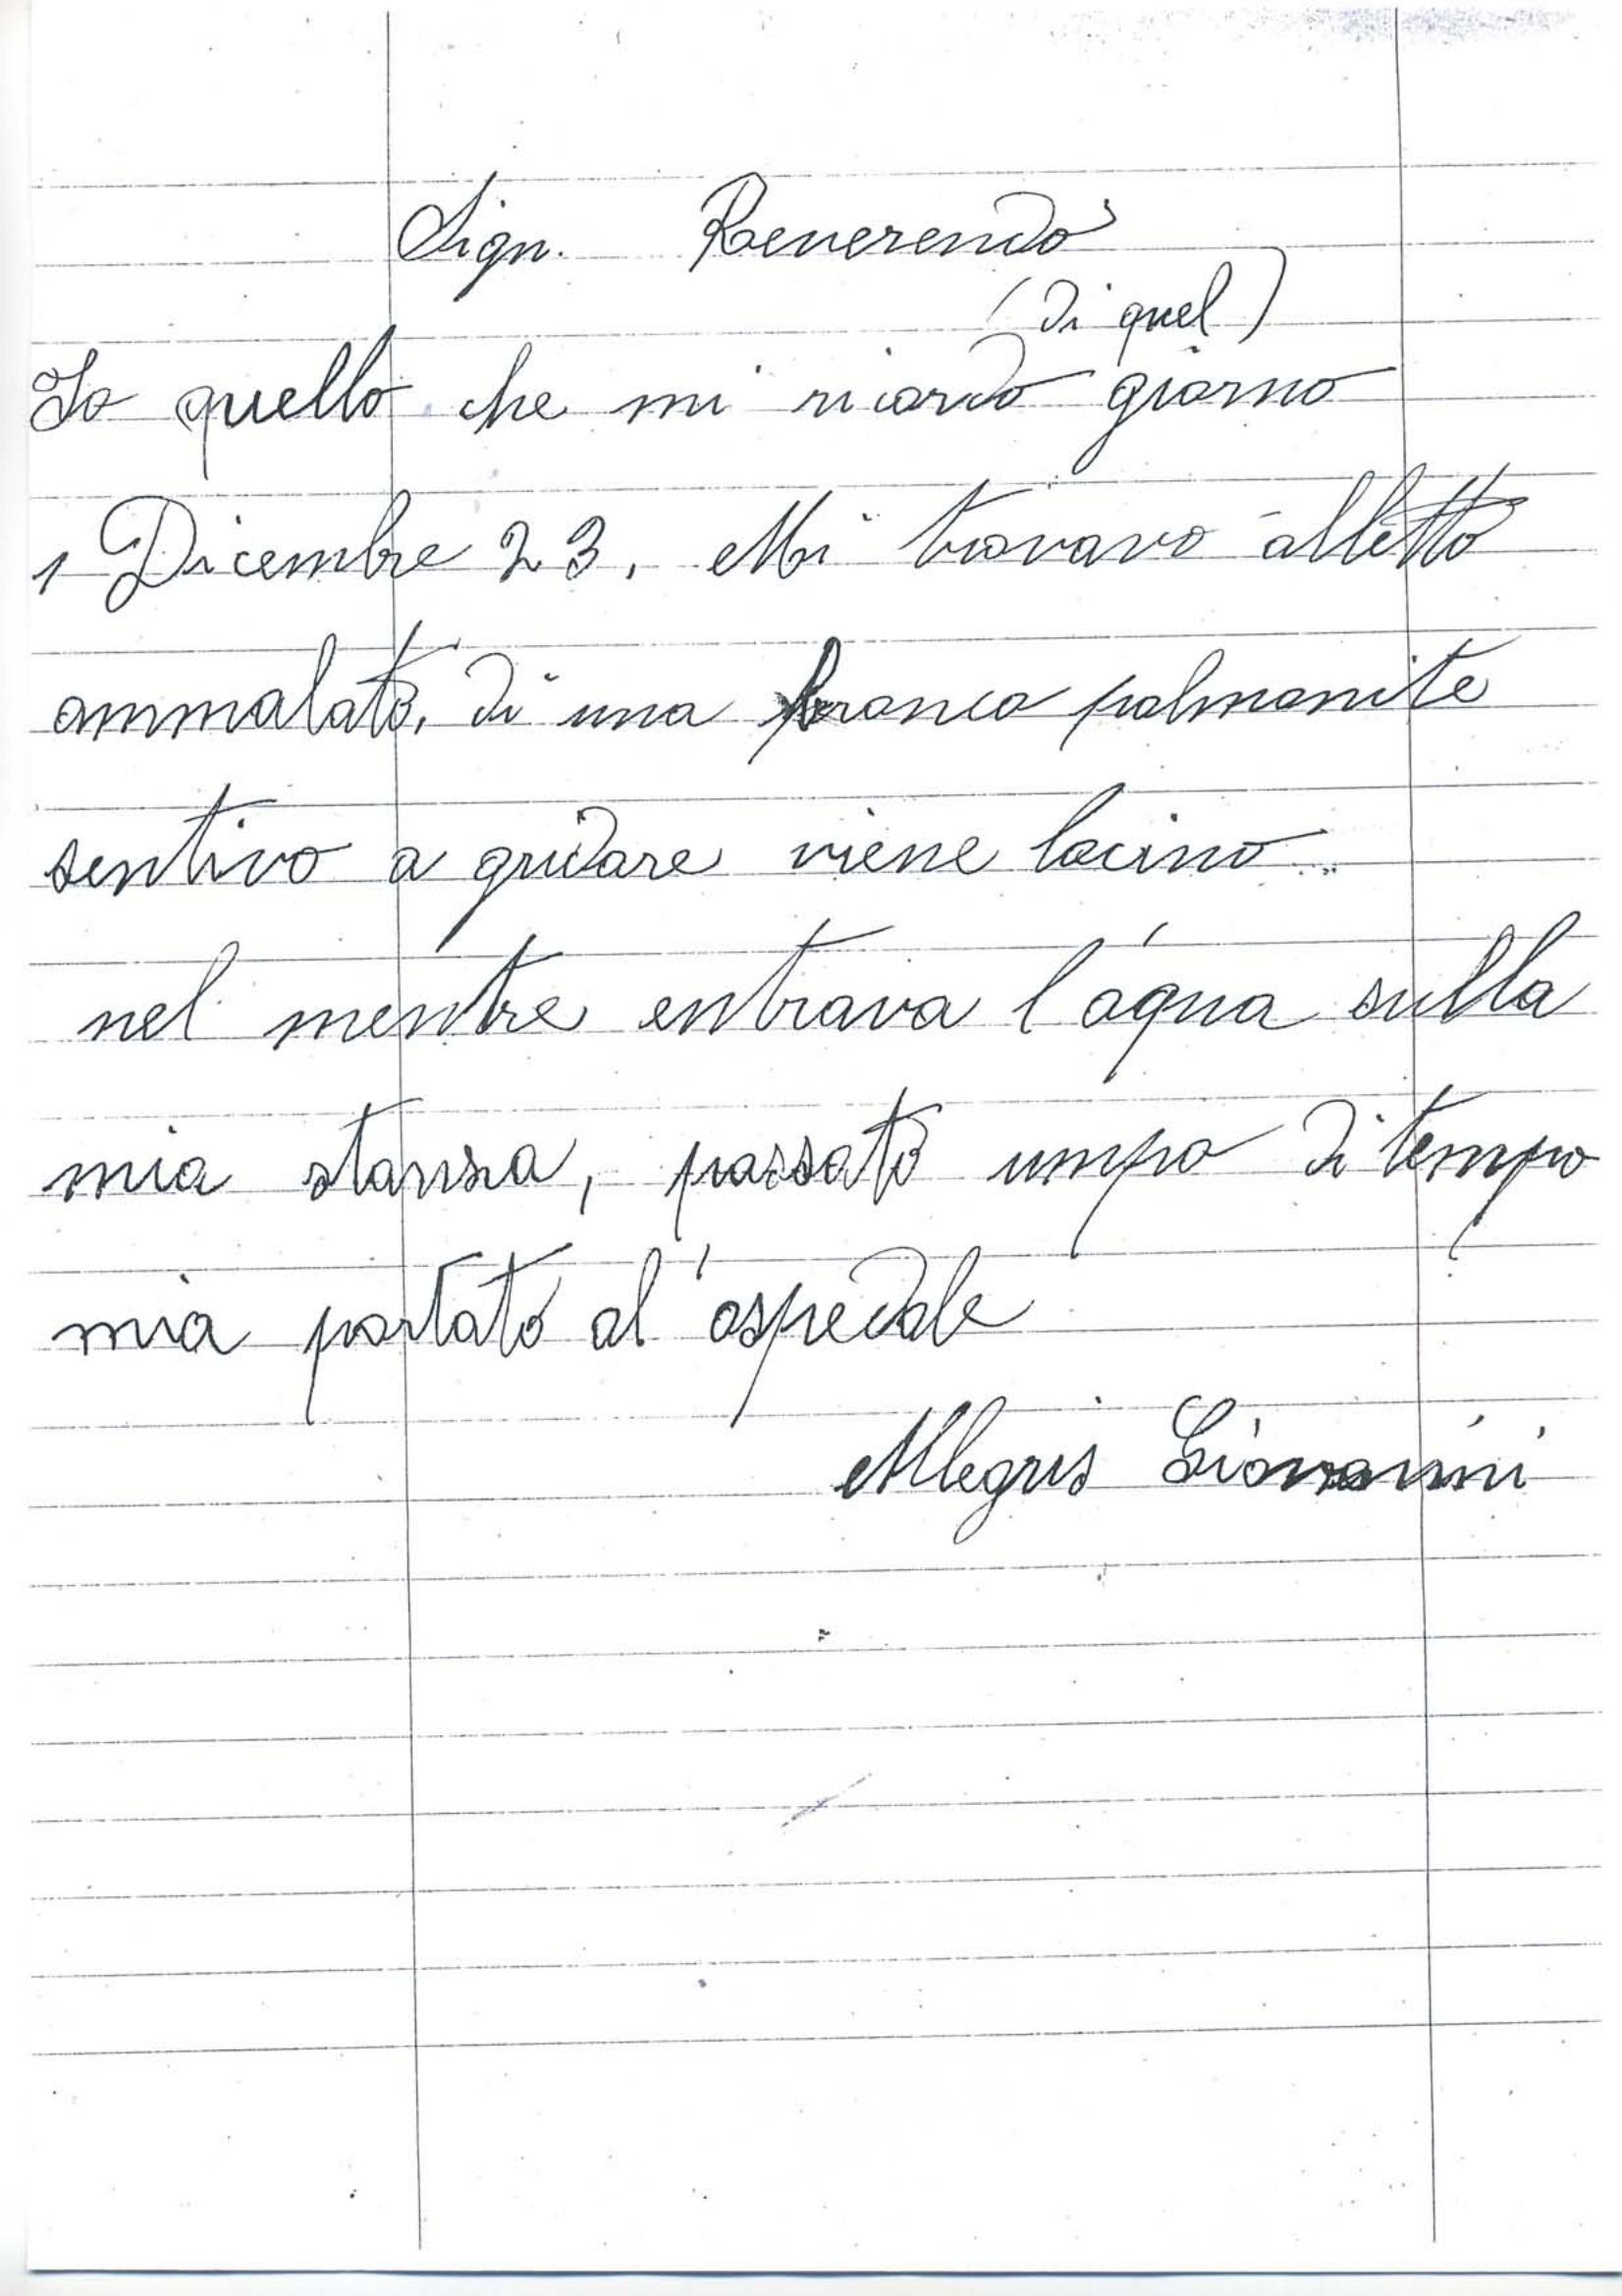 Lettera di Allegris Giovanni